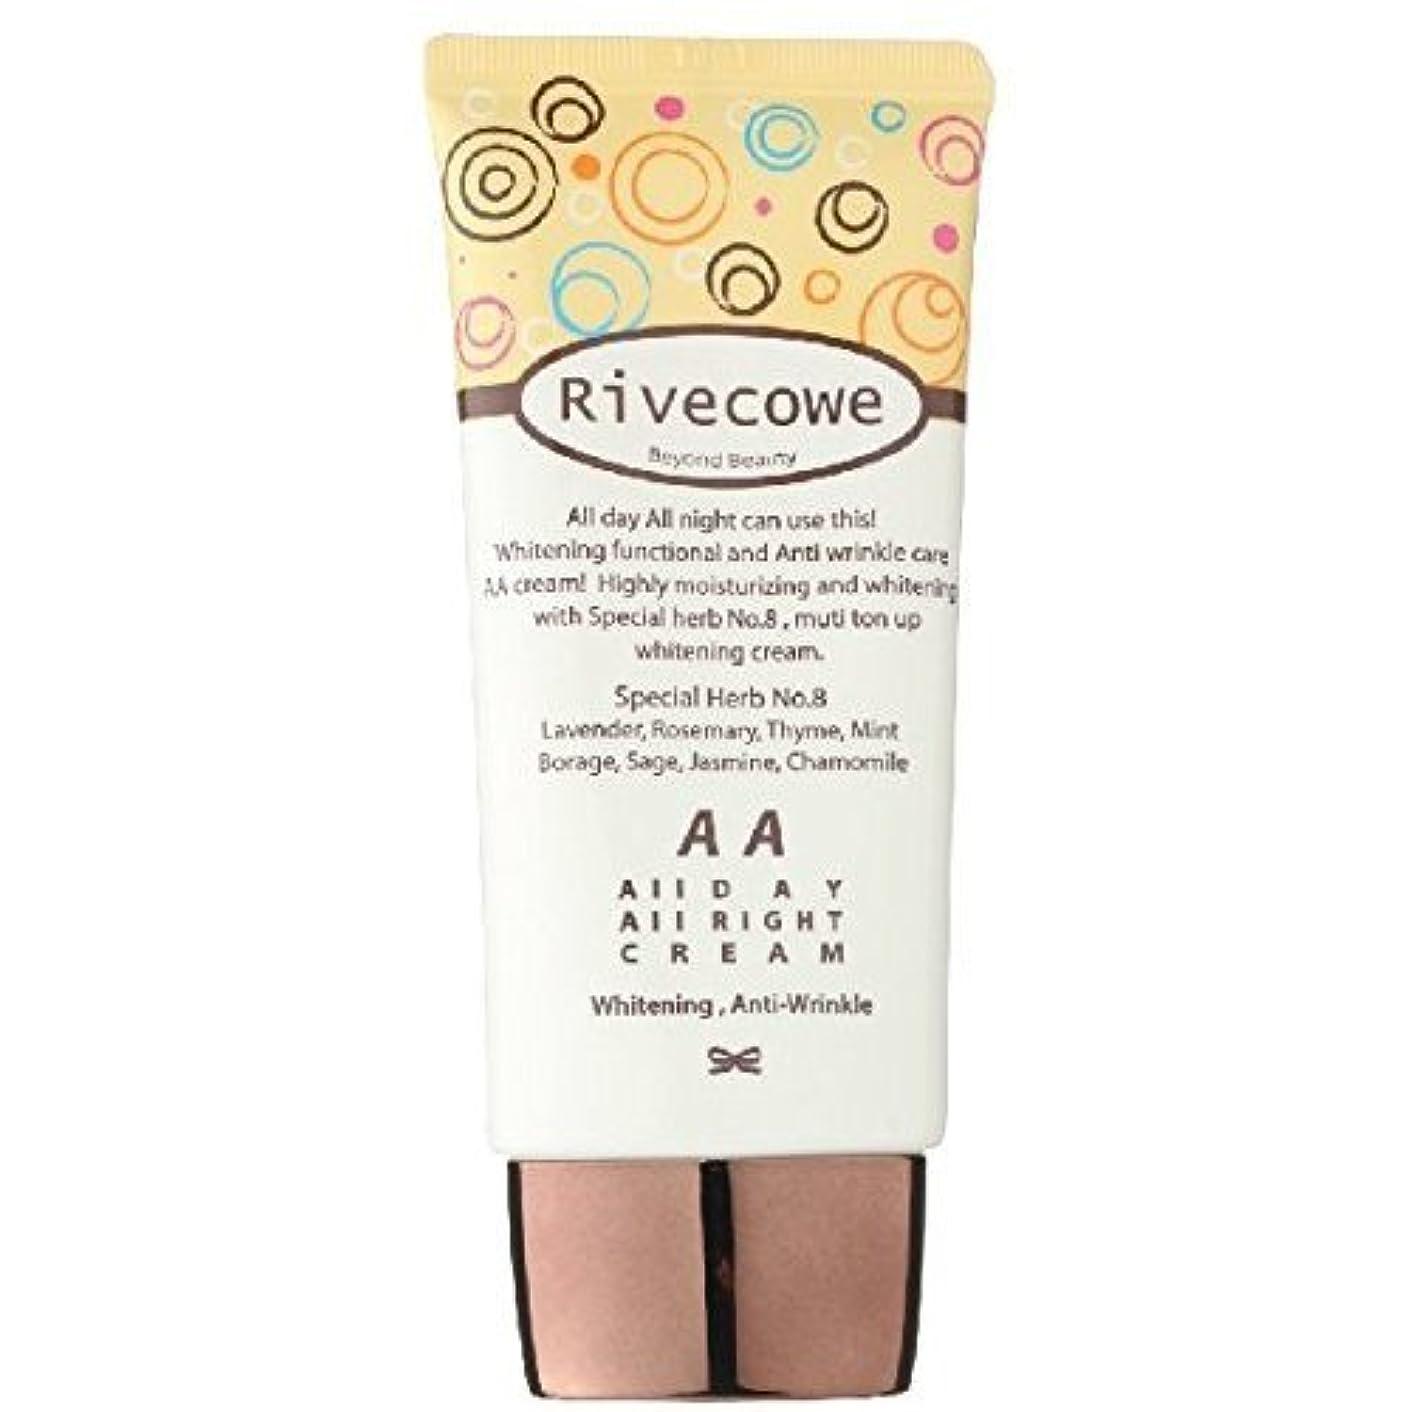 ギャップシニスボトルネック【Rivecowe】リブコイ♥AAクリーム/メイクアップフィットの化粧下地/韓流タウンにて大変好評の基礎クリーム。AAクリームは、化粧下地(プライマー)です。凹凸のない肌表面に整え、